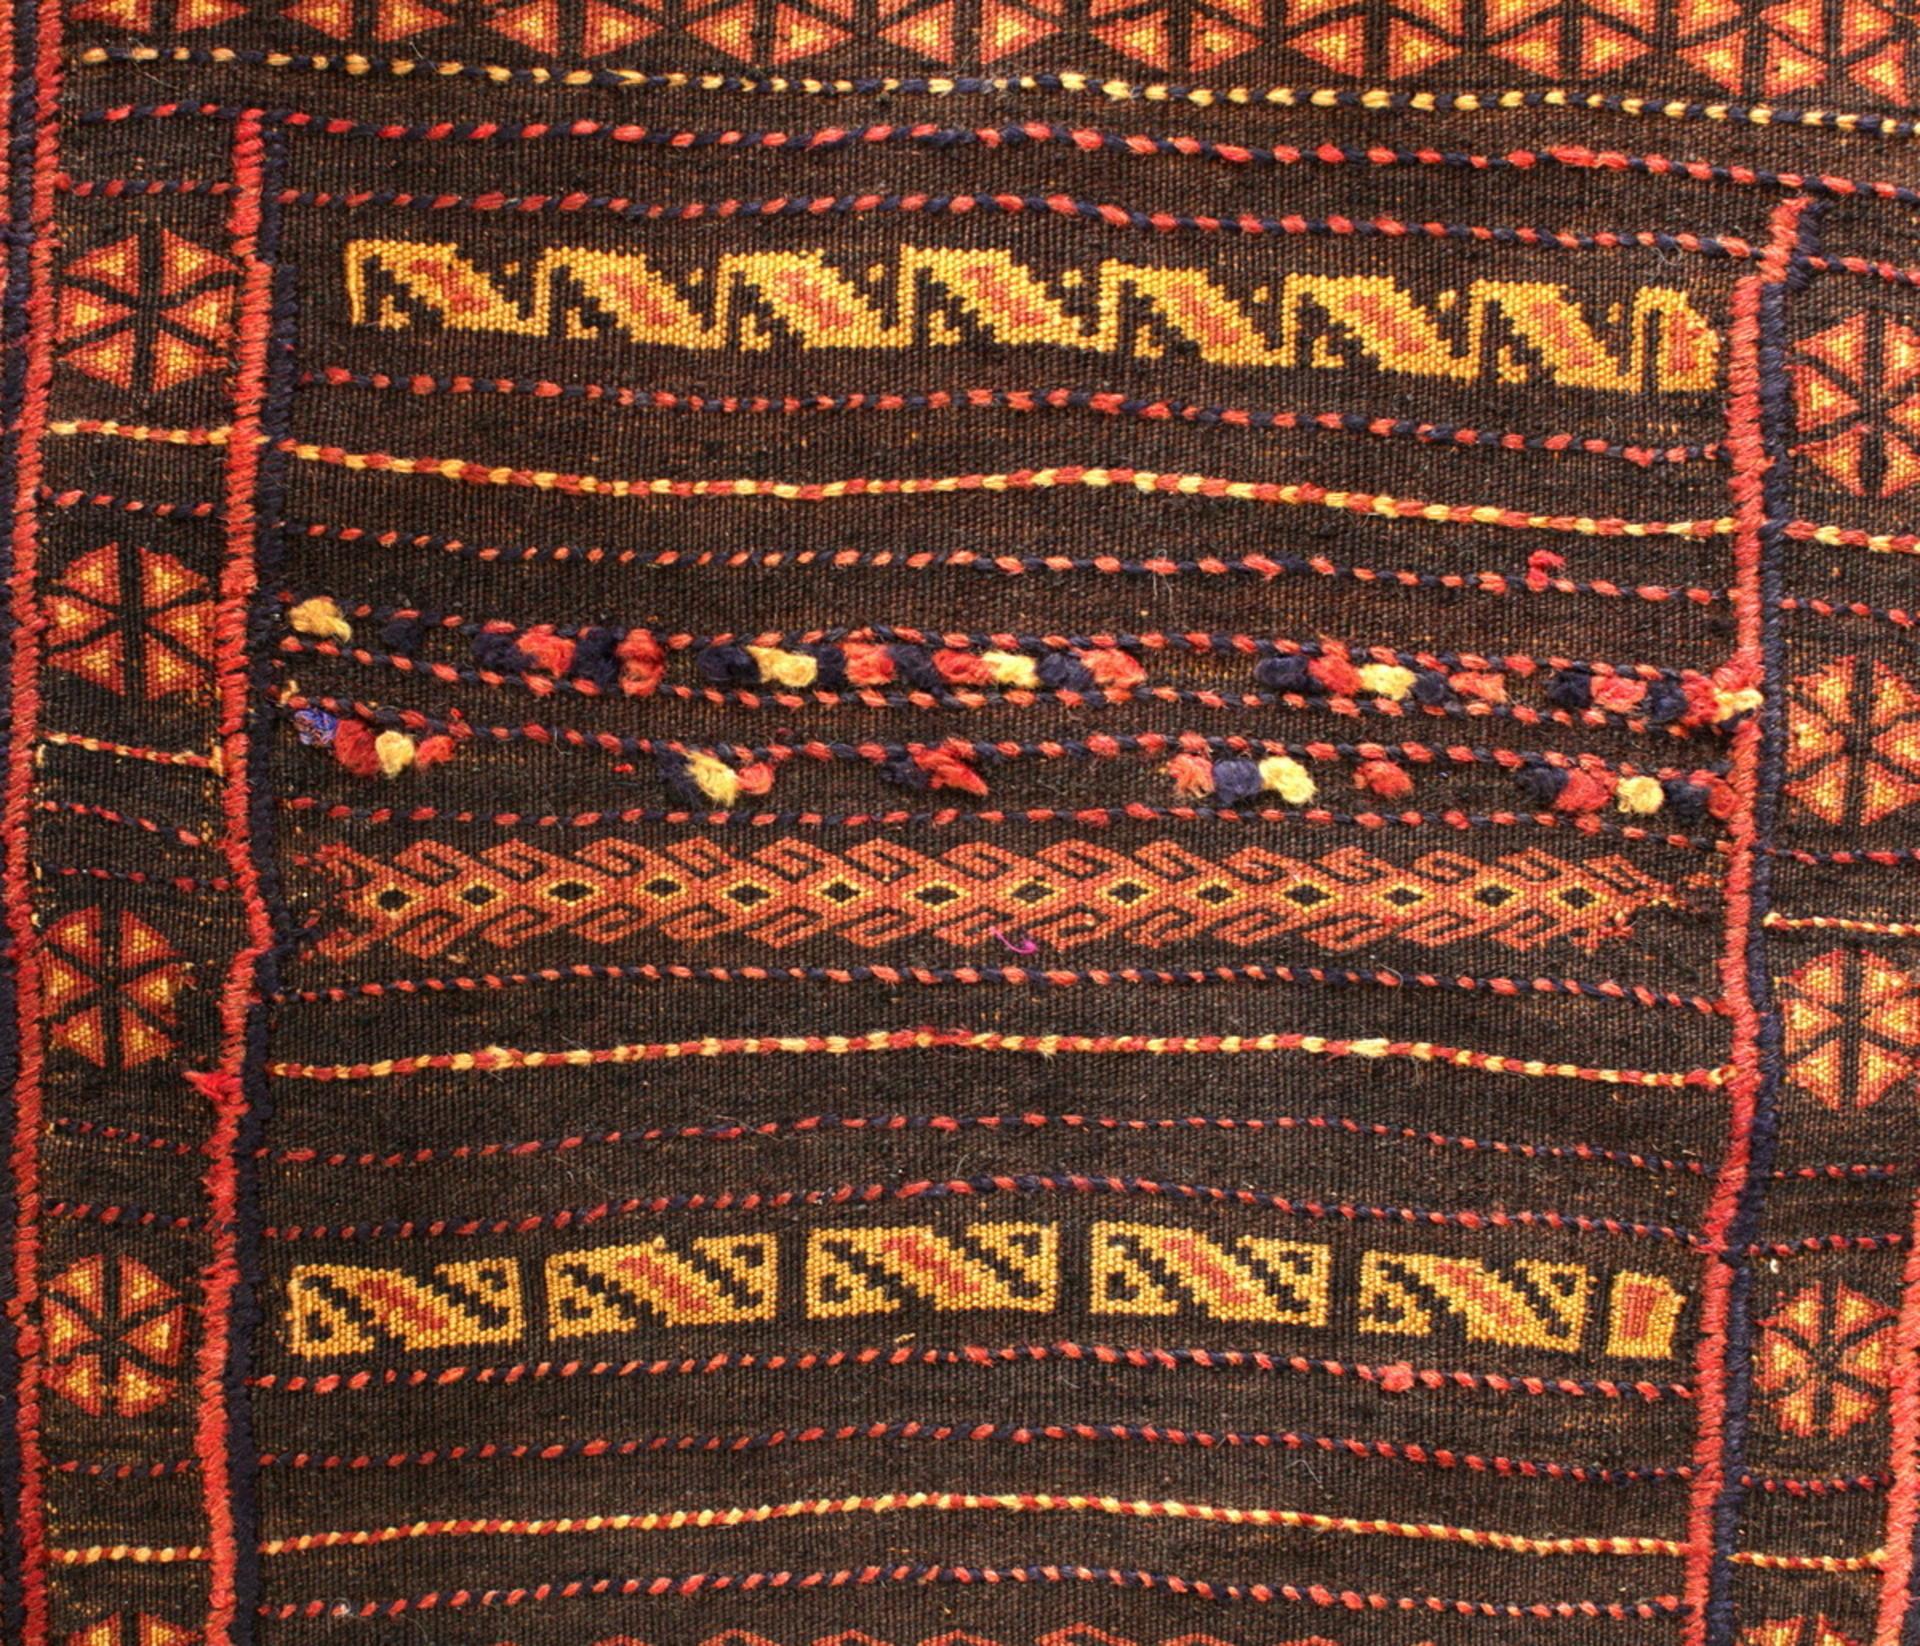 Detailansicht der Stickereien - Gundara